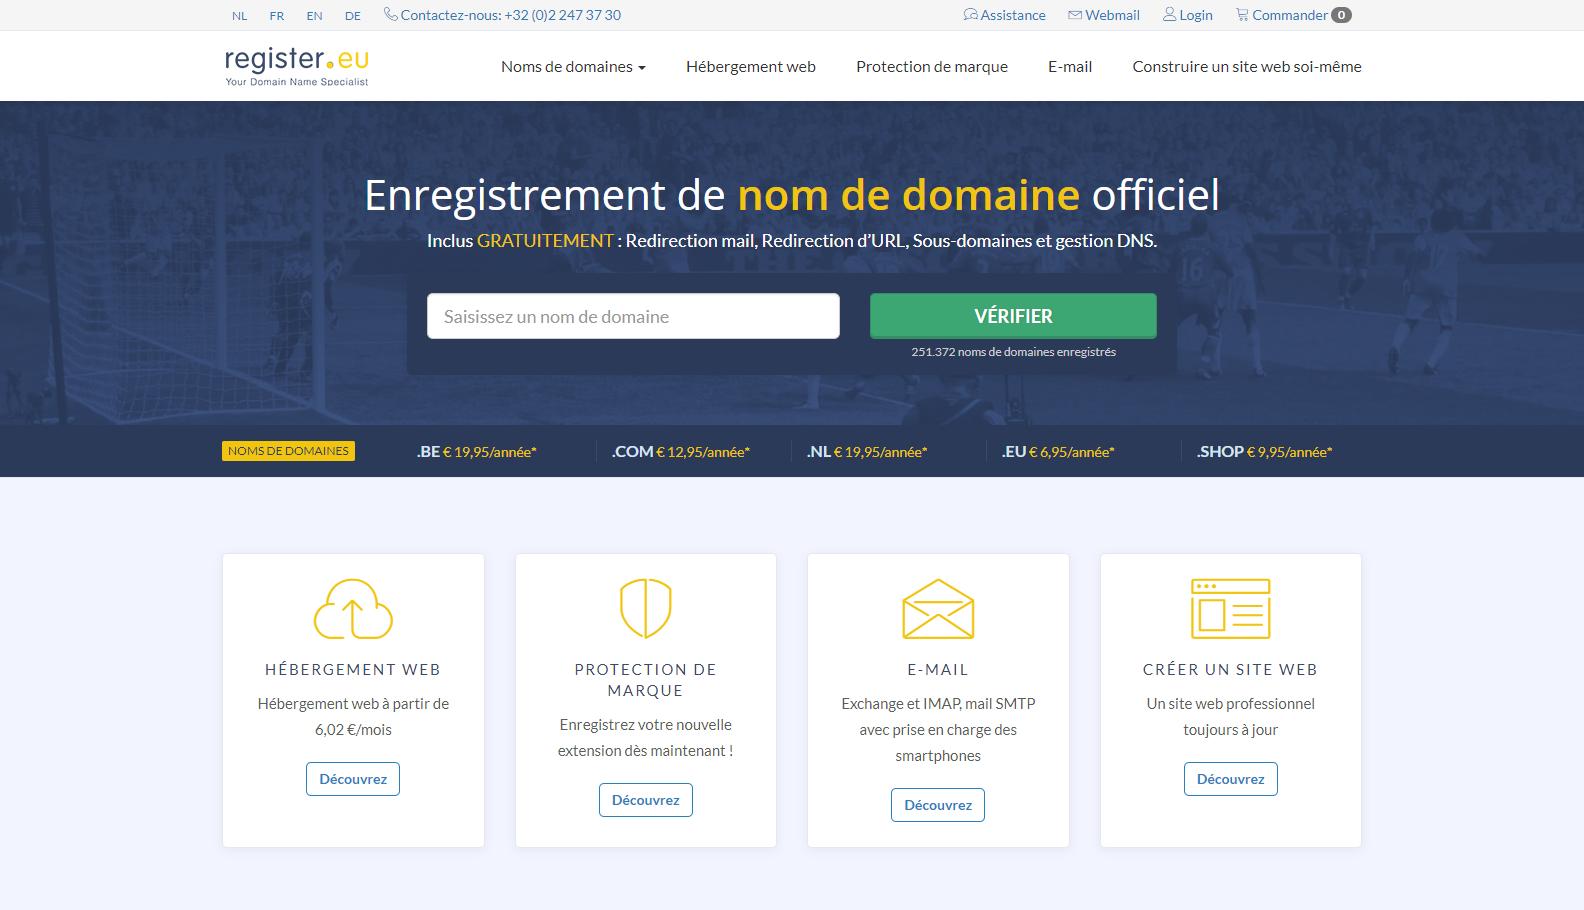 Capture d'écran du site register.eu français